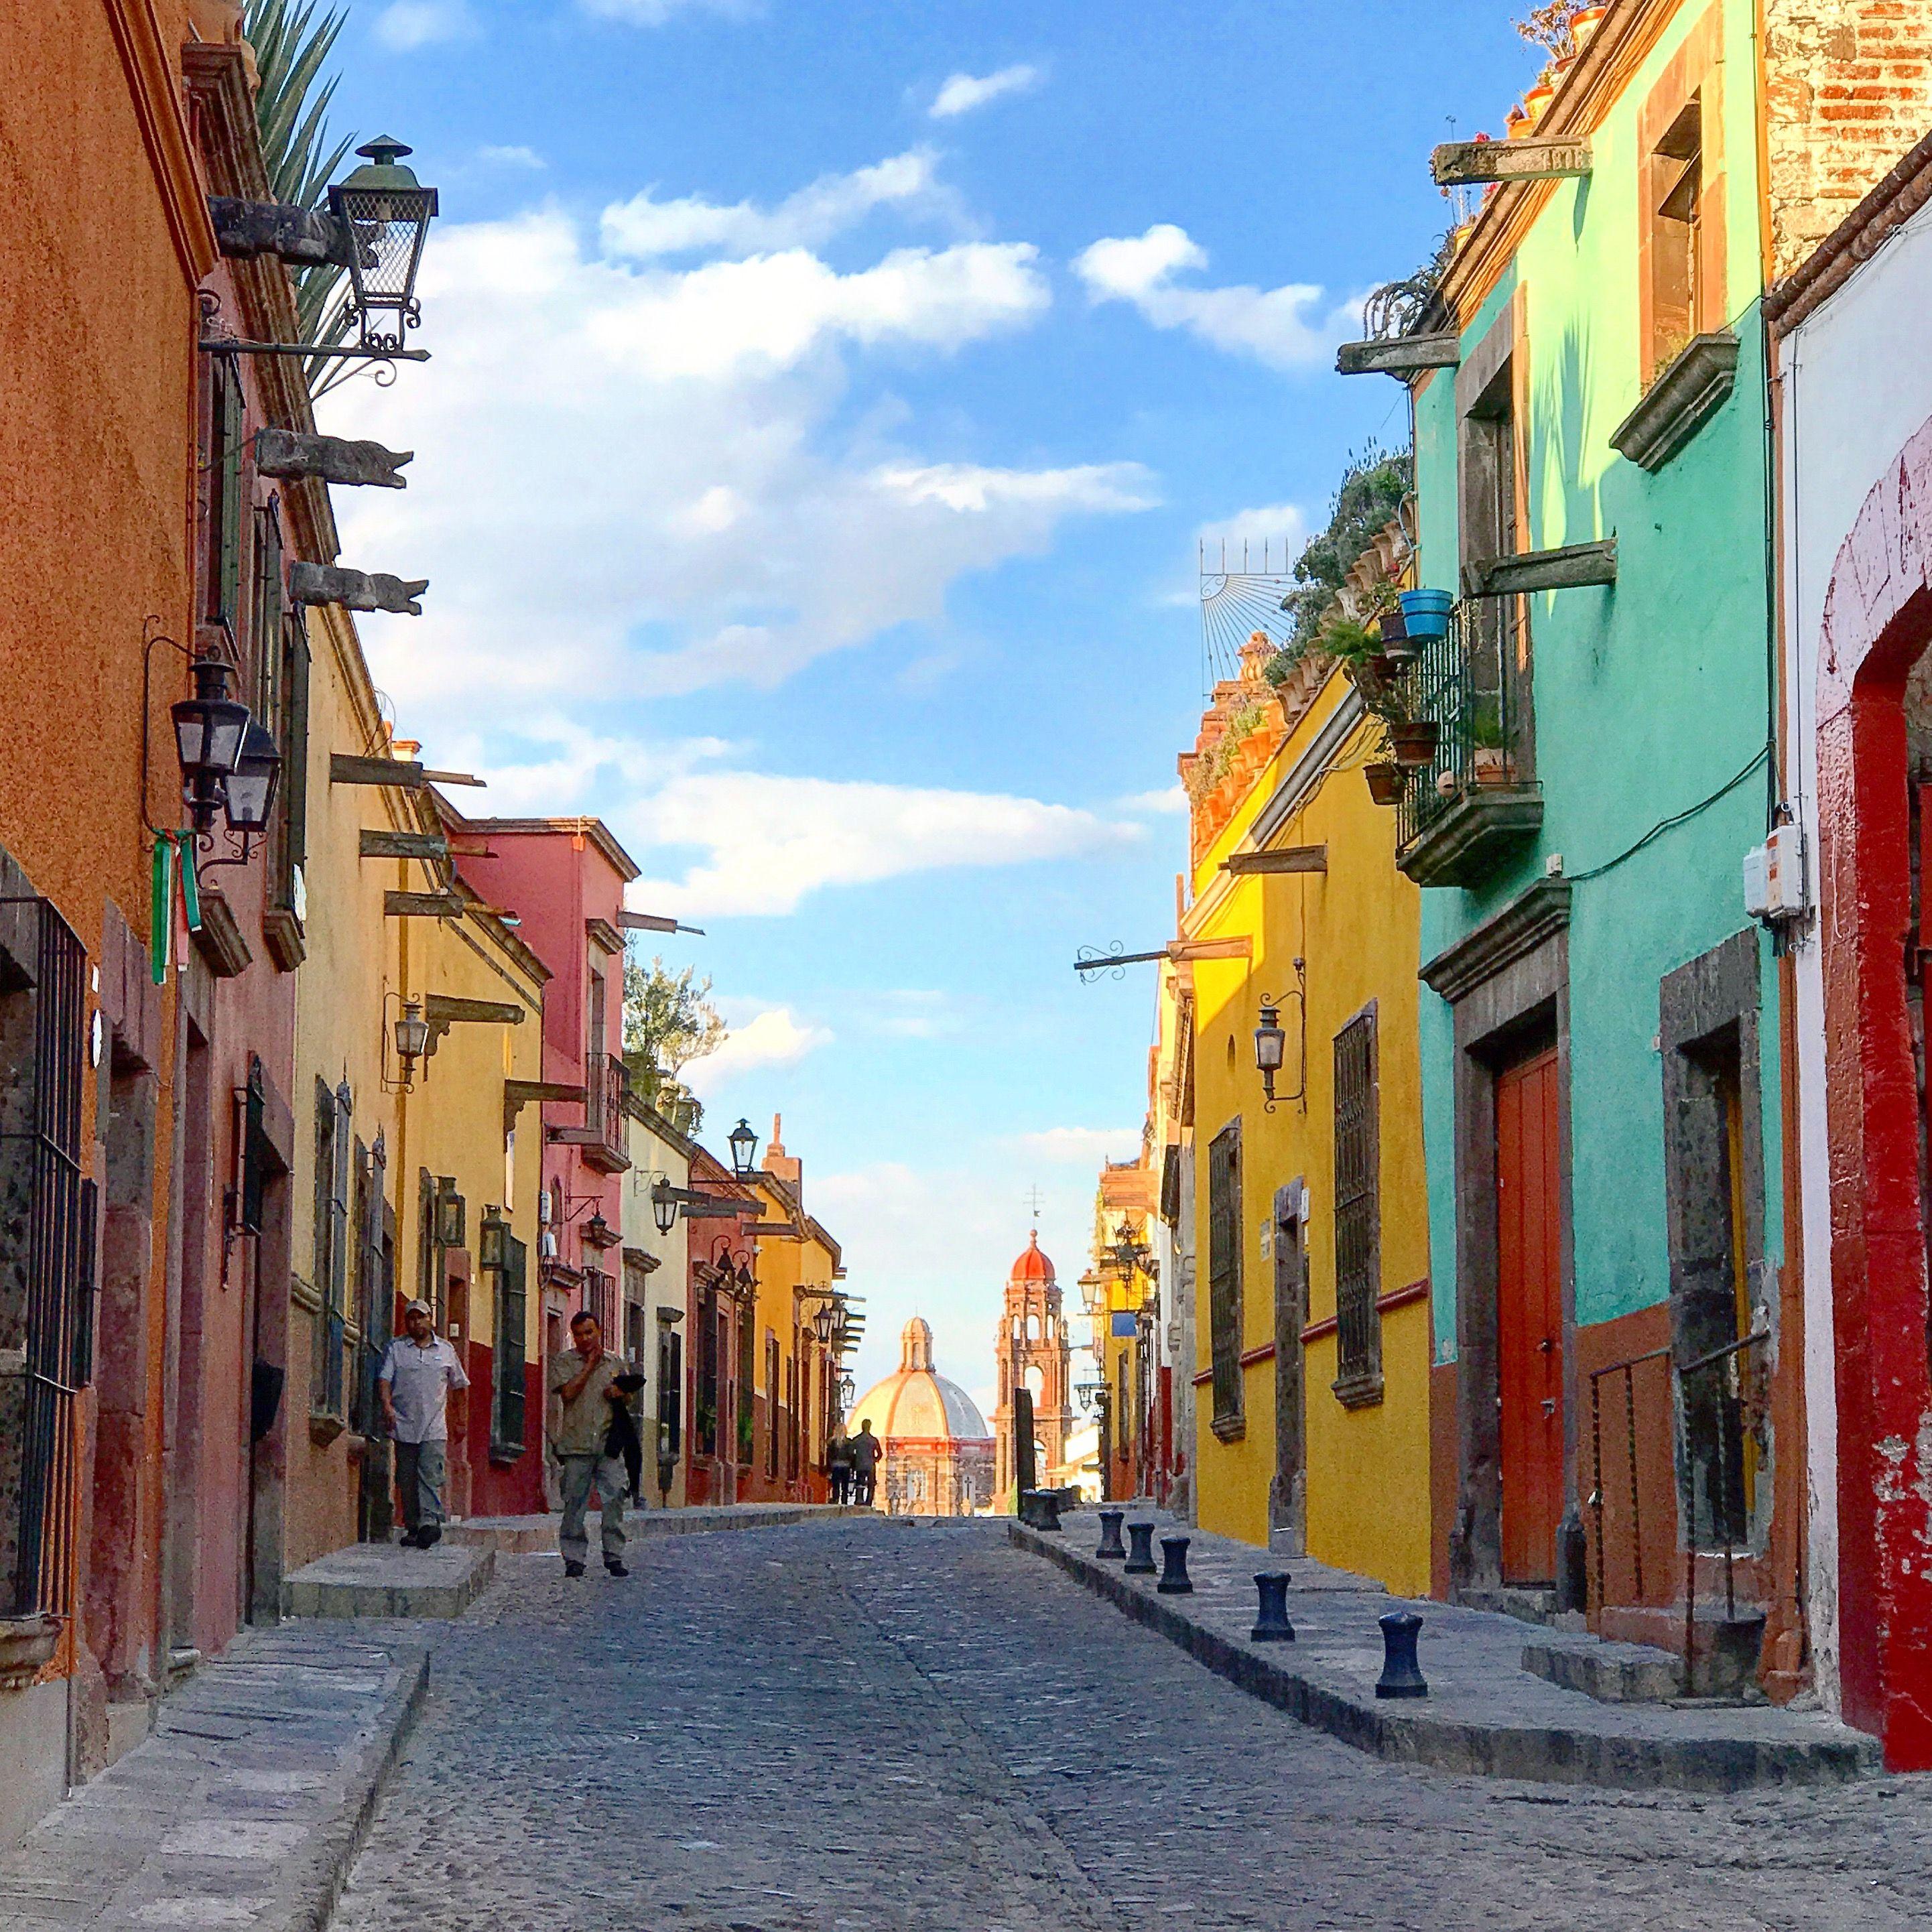 Travel San Miguel de Allende San miguel, Walking tour